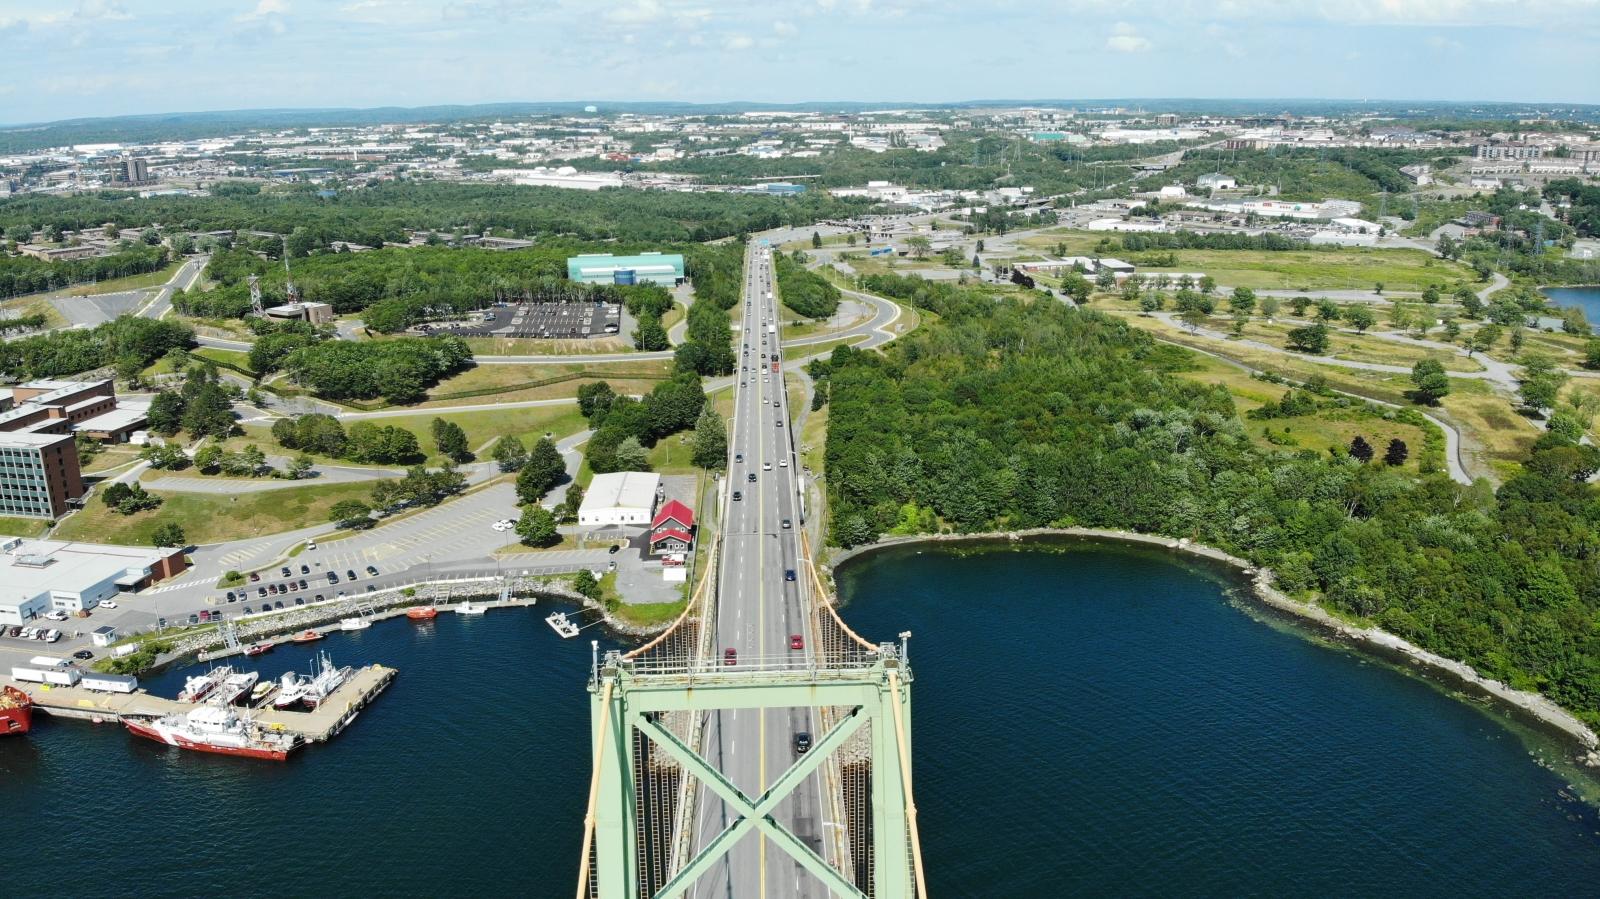 View of the bridge in Dartmouth, Nova Scotia